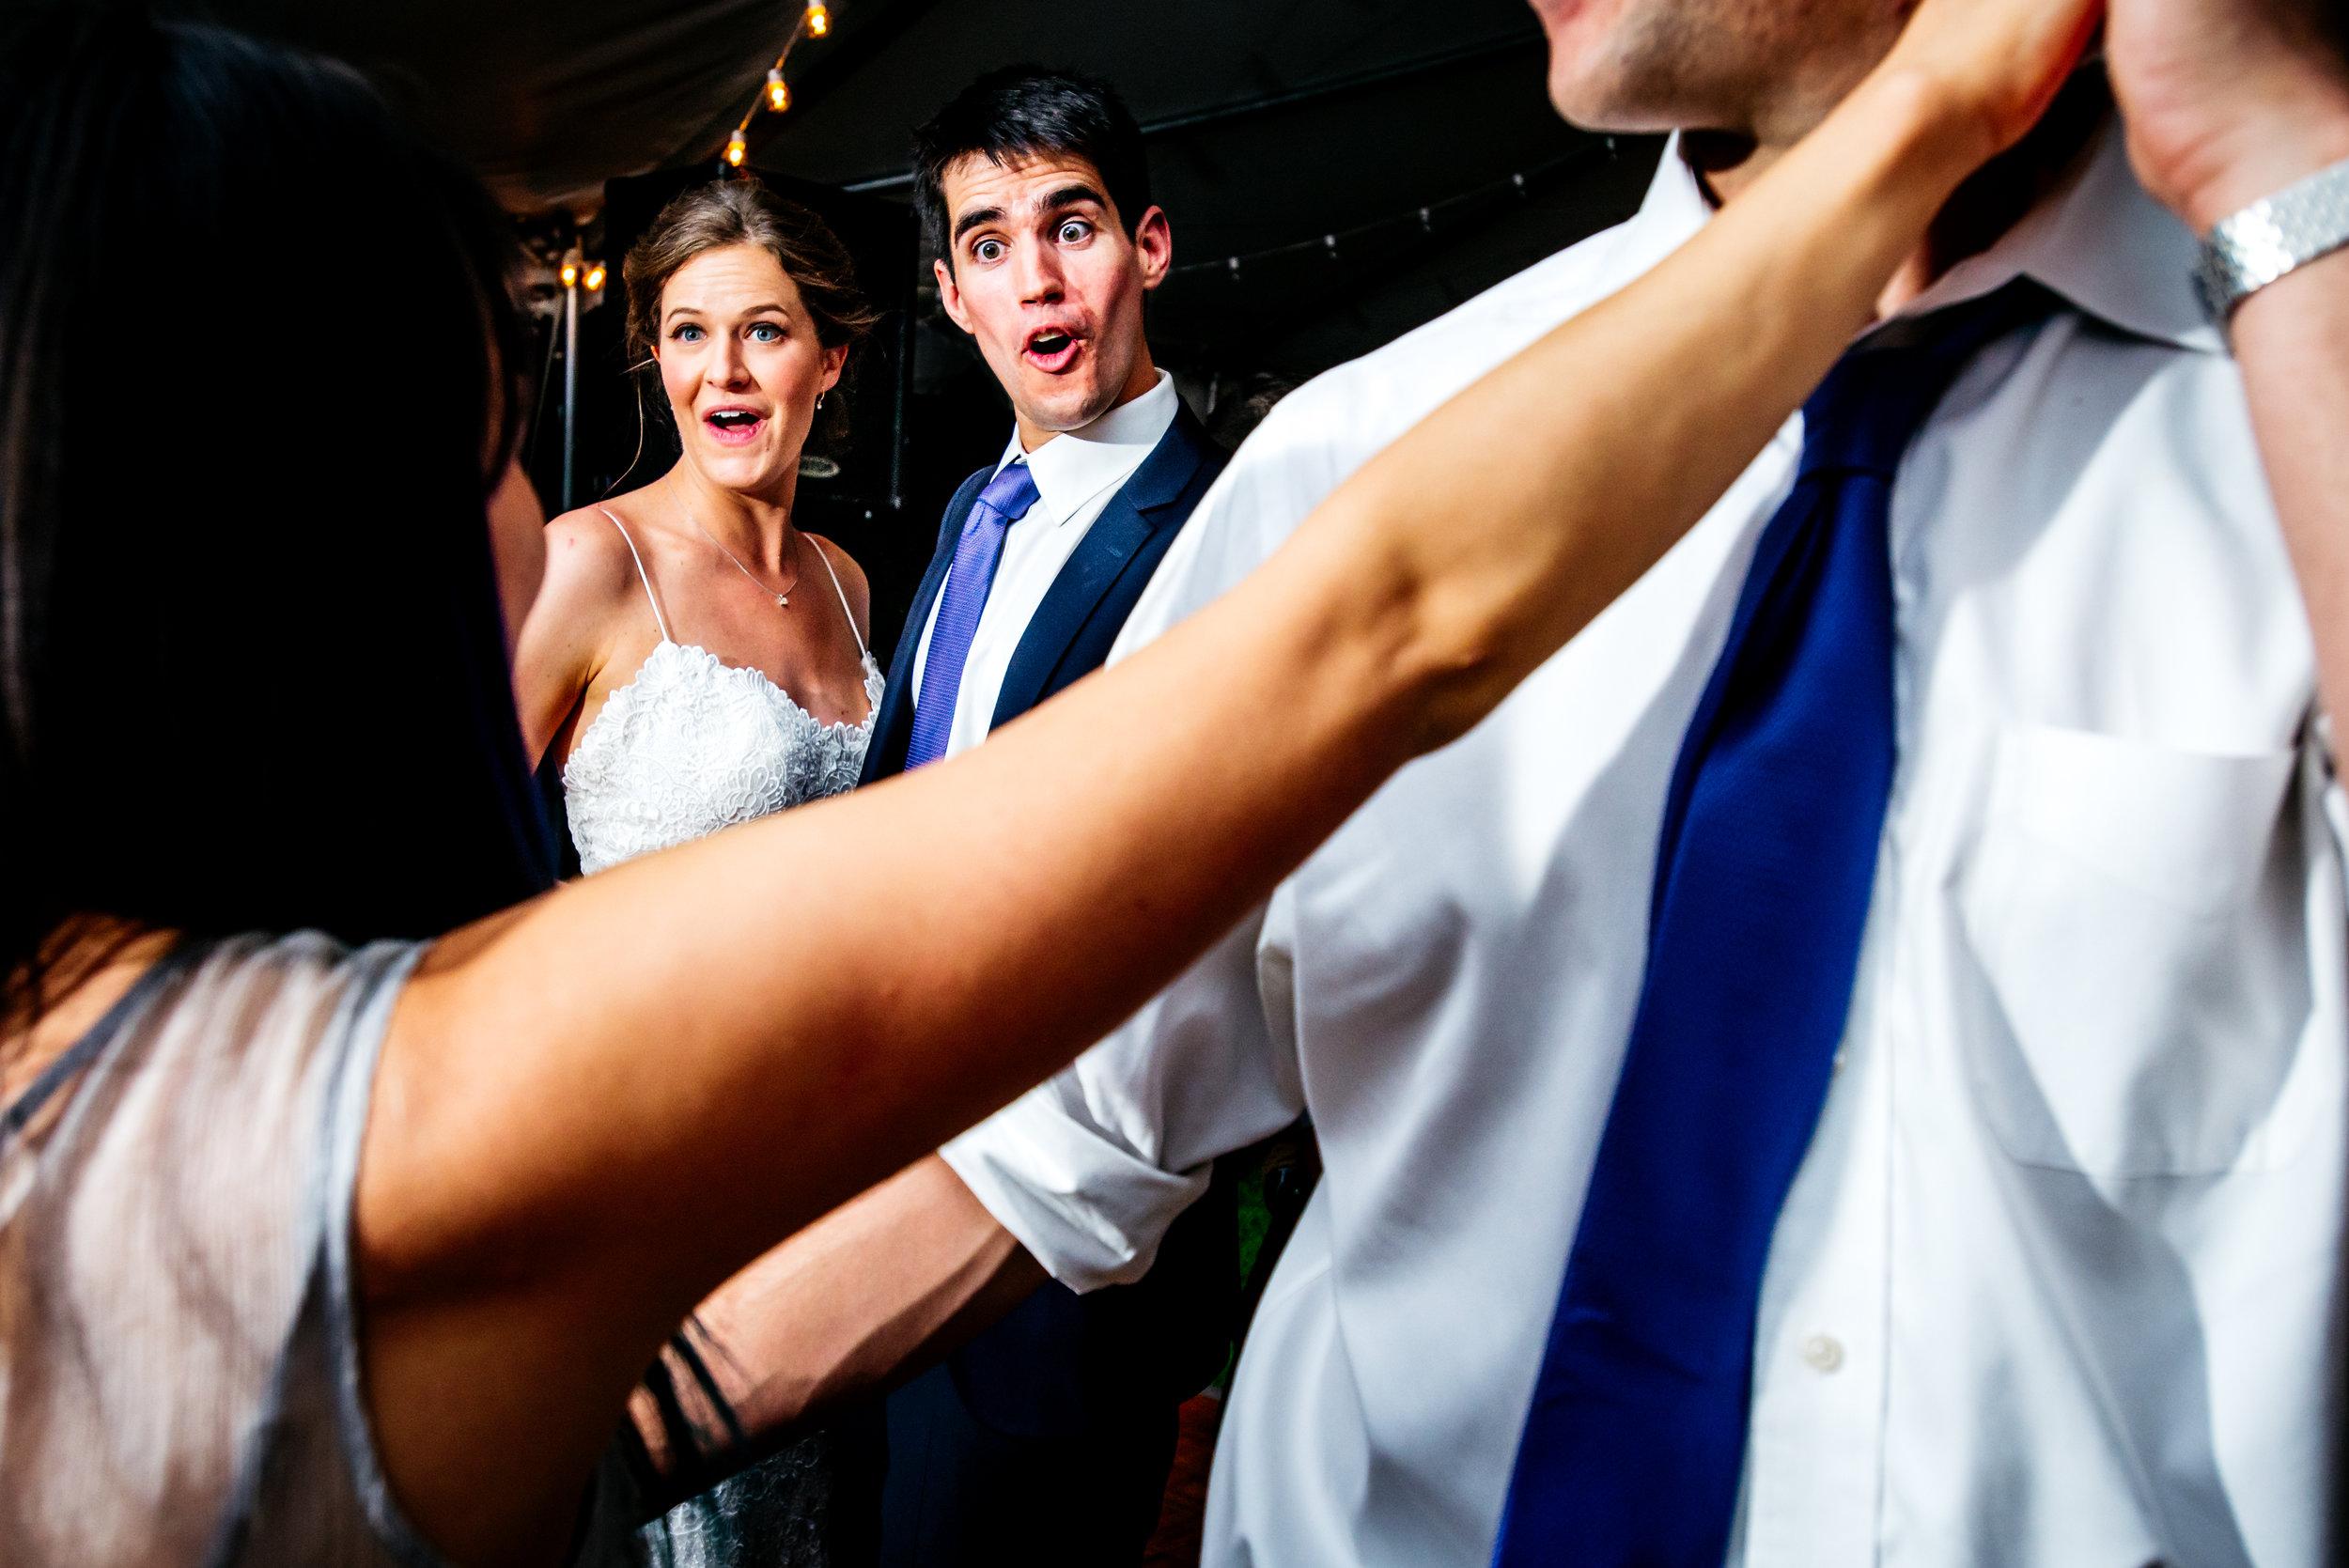 EA_0618_wedding-33.jpg